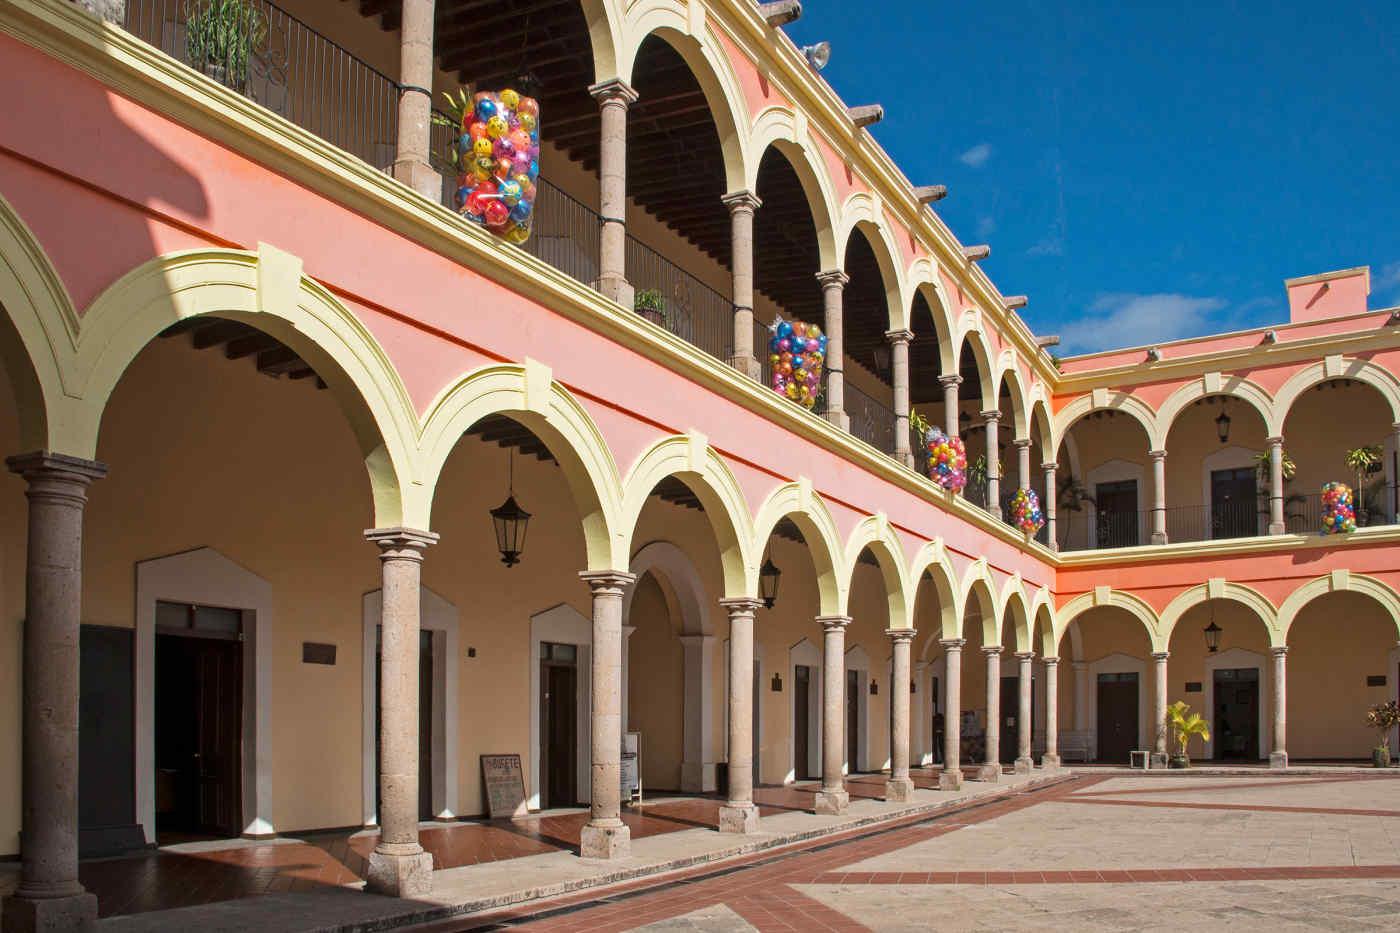 Palace in El Fuerte, Mexico